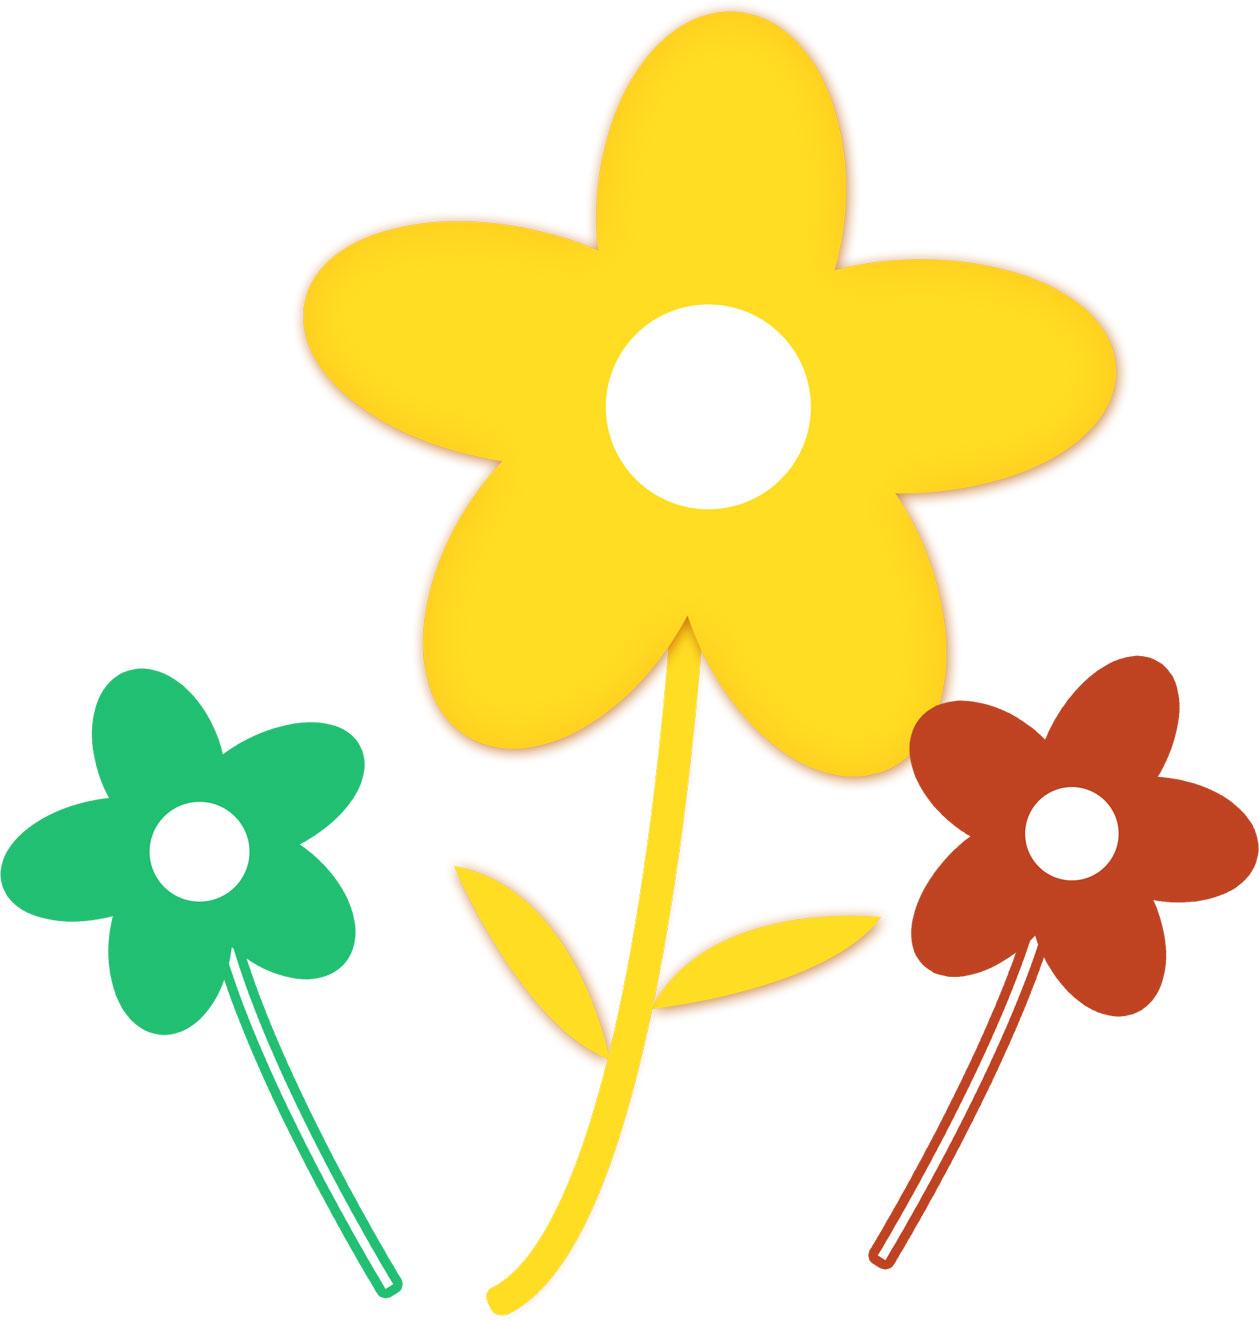 ポップでかわいい花のイラストフリー素材no007ポップな花